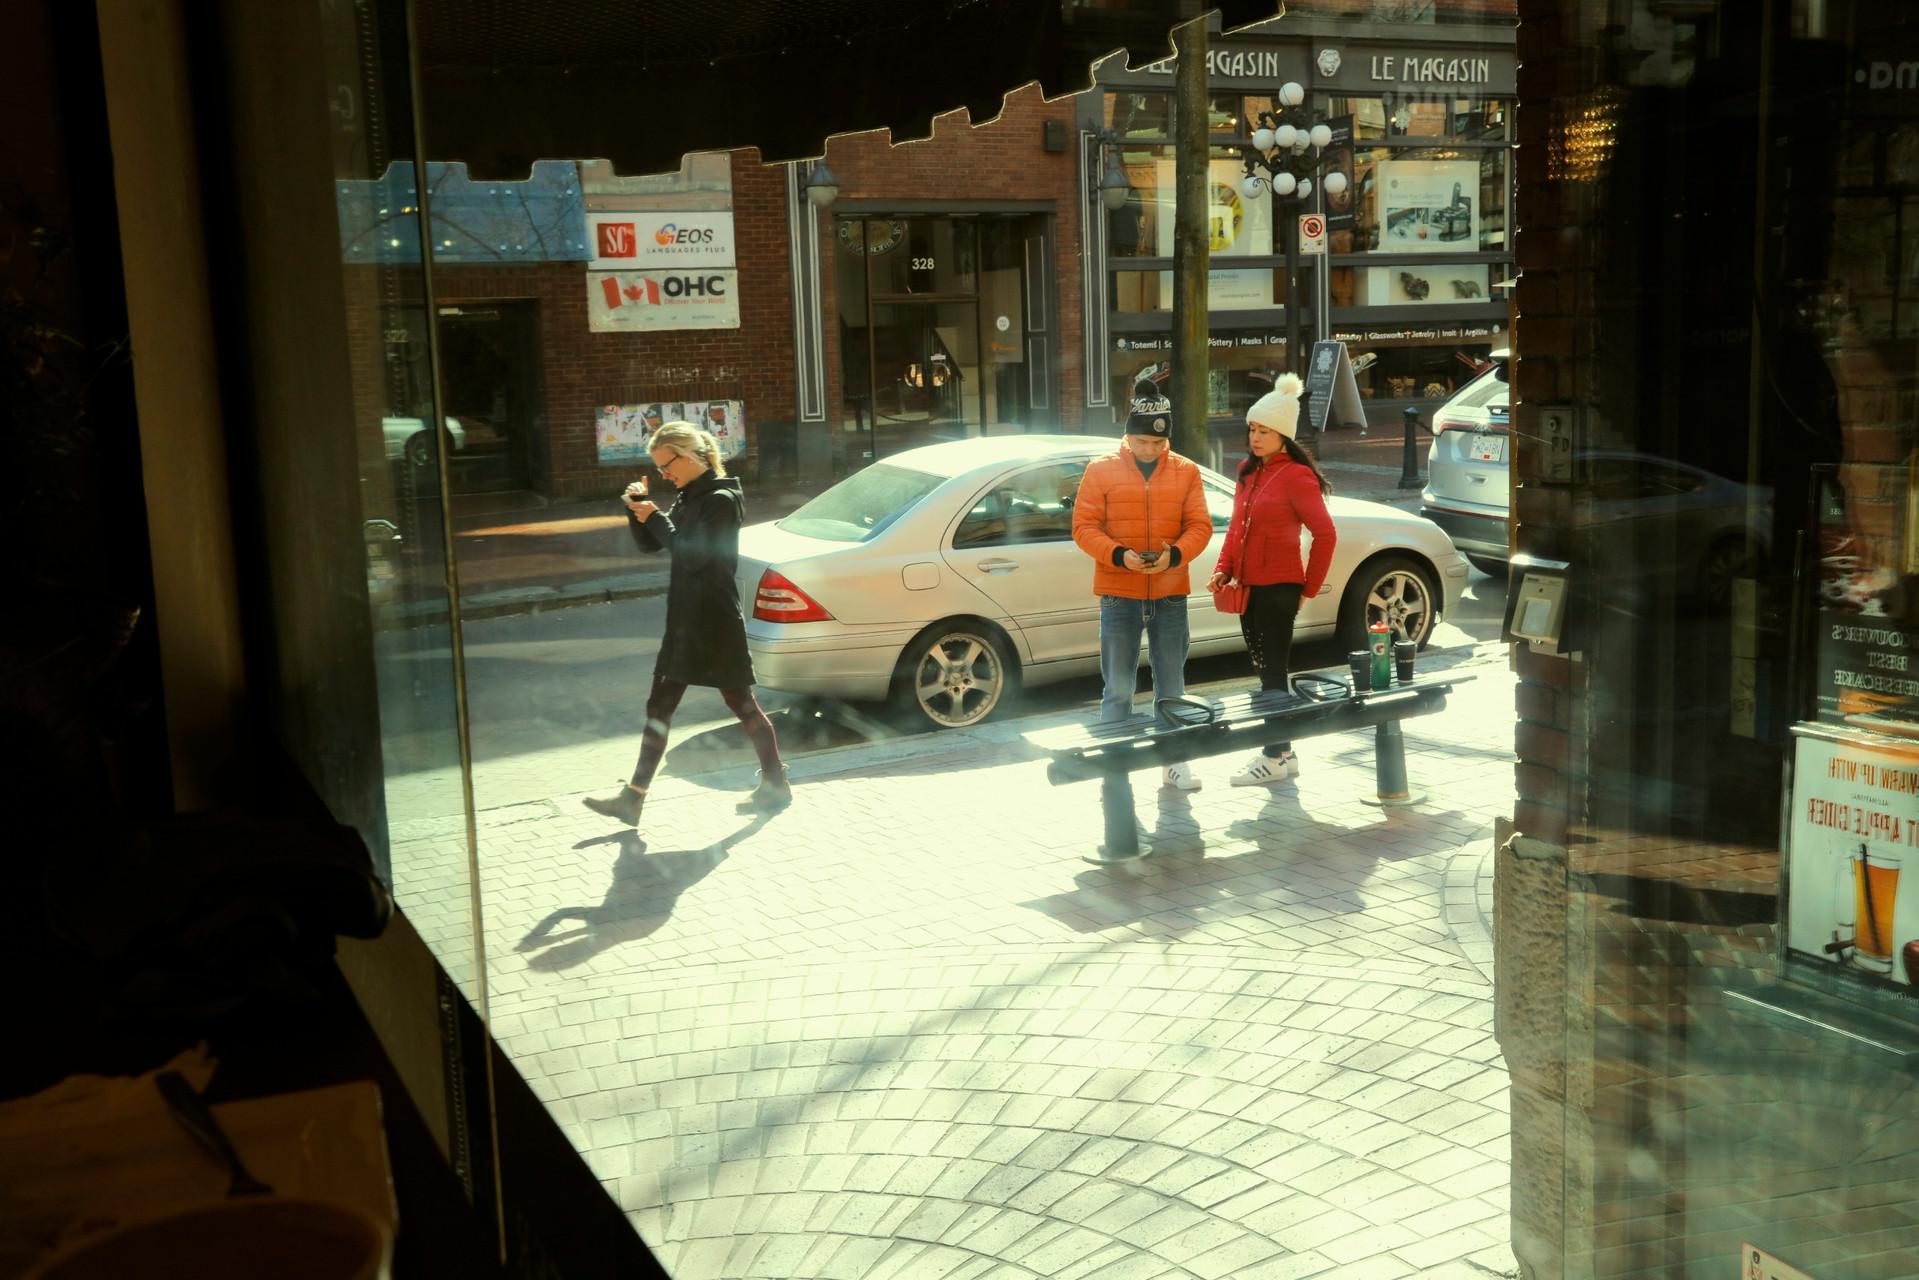 午後咖啡館定鏡眾生6